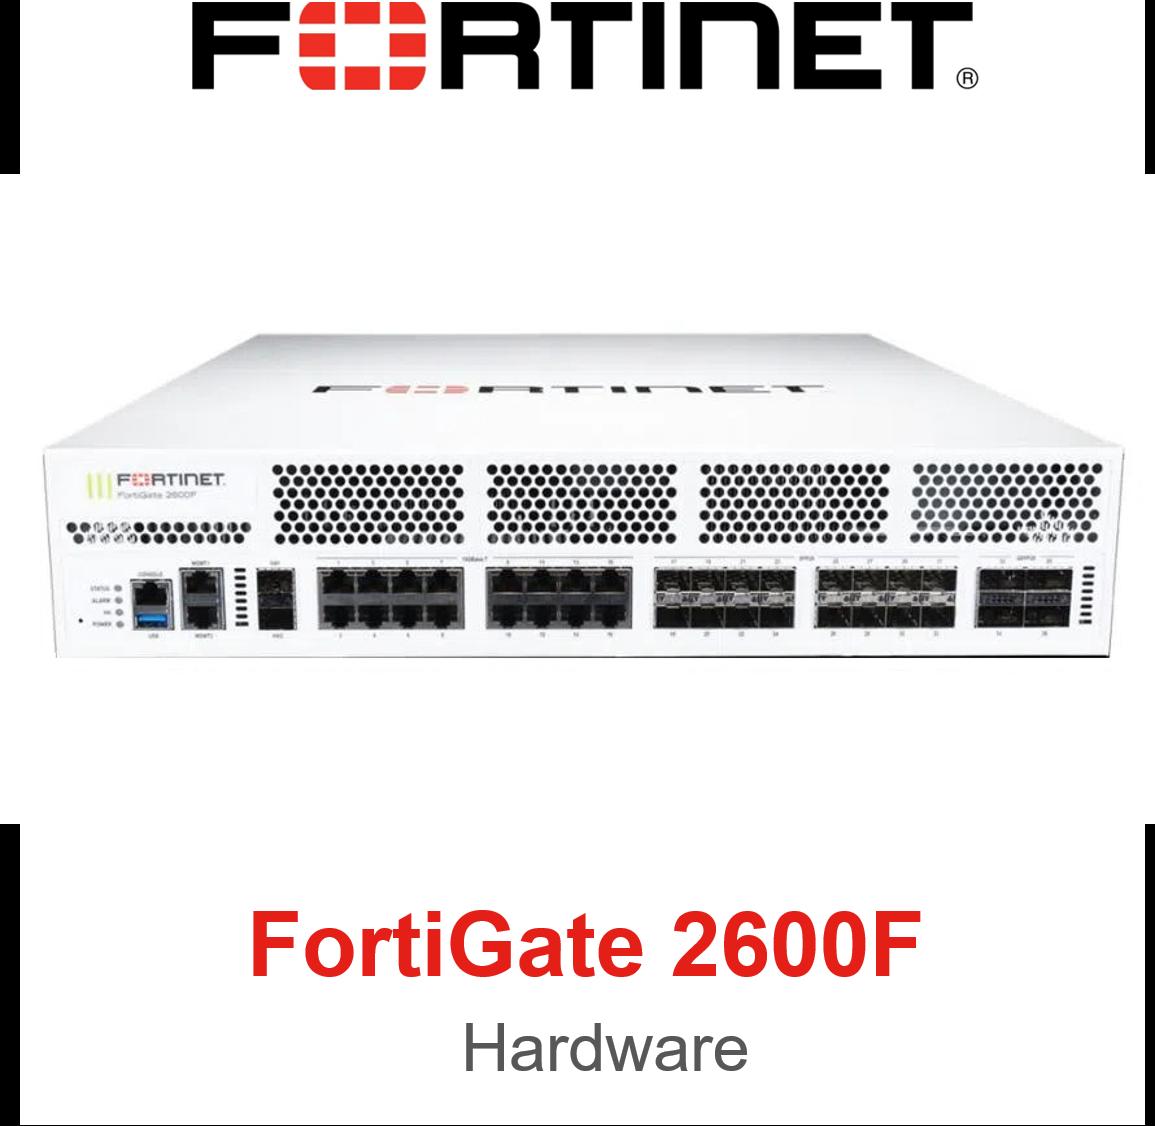 Fortinet FortiGate 2600F Firewall